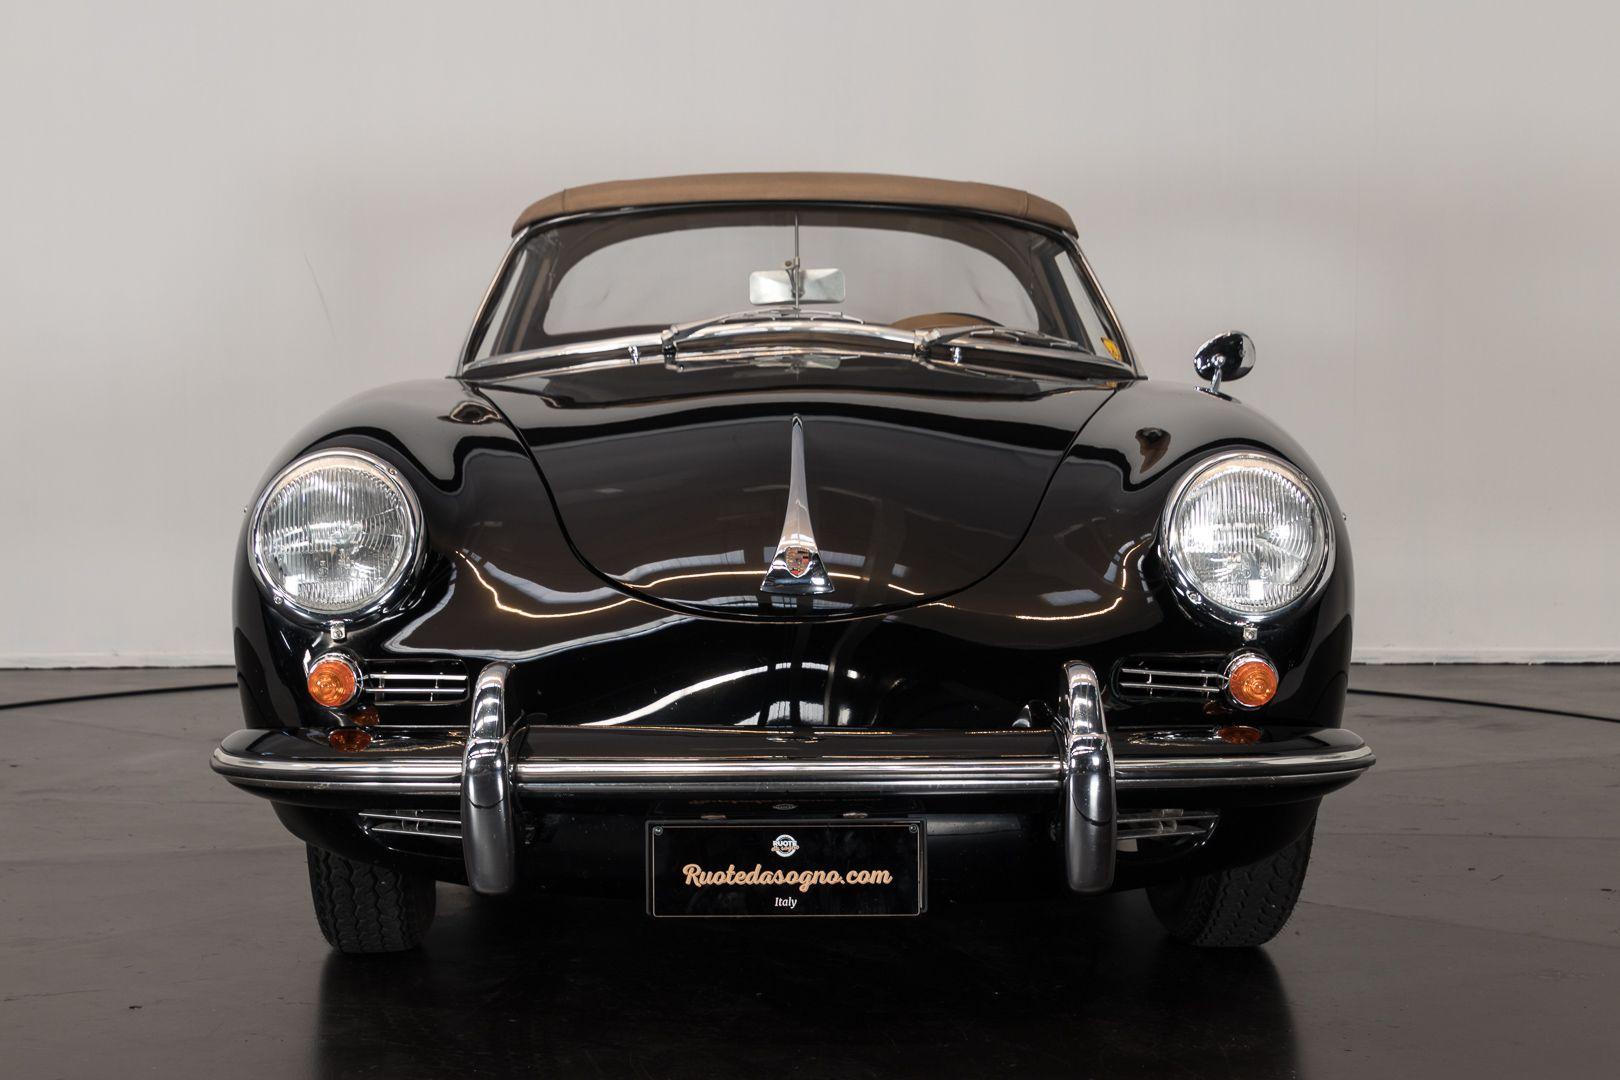 1960 Porsche 356 B (T5) Roadster 14229